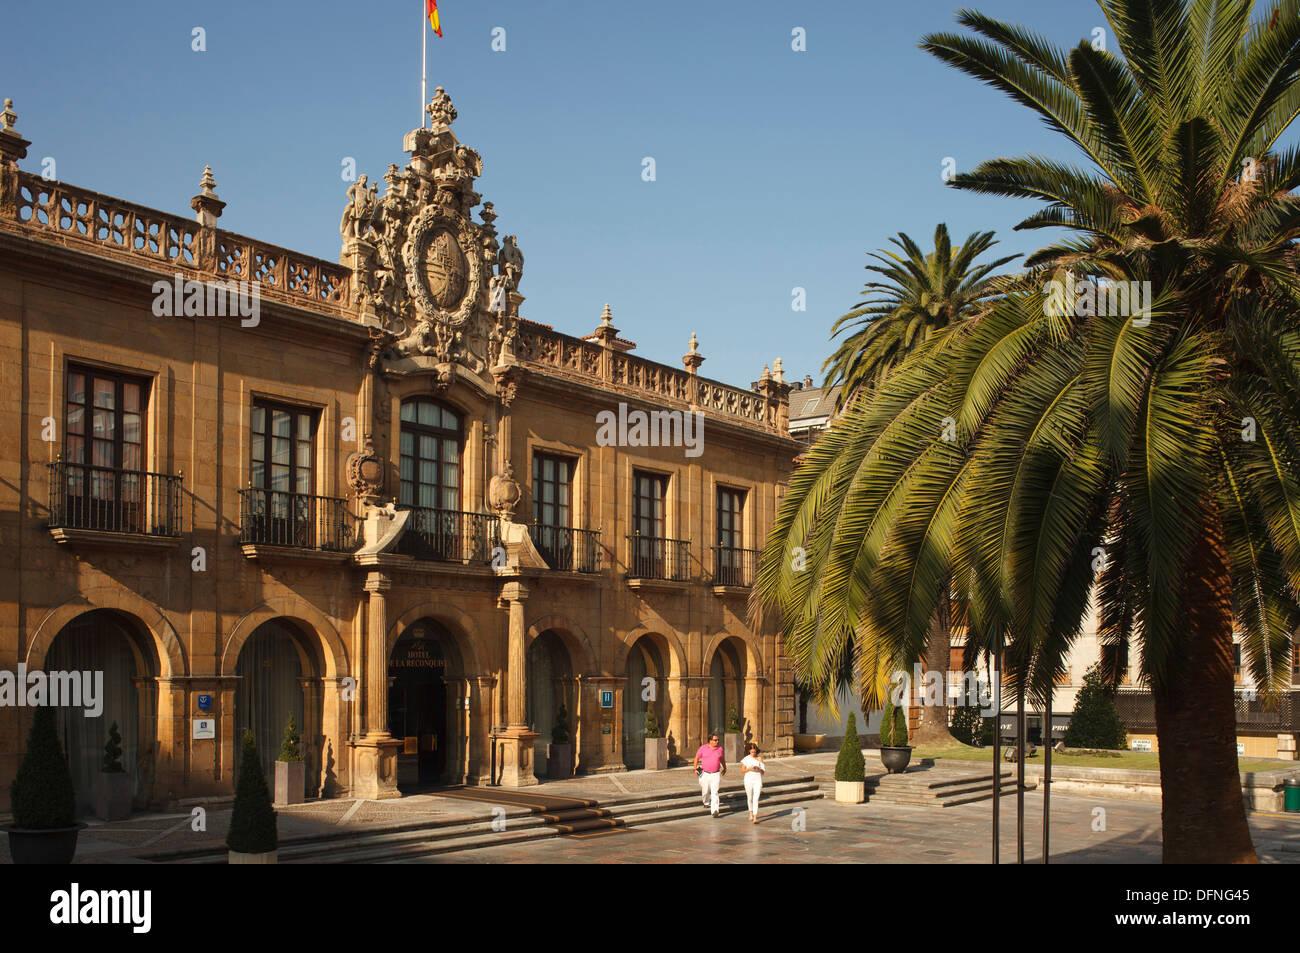 Hotel de la Reconquista, historic hostel from 18th century, calle Gil de Jaz 16, Oviedo, Camino Primitivo, Camino de Santiago, W - Stock Image